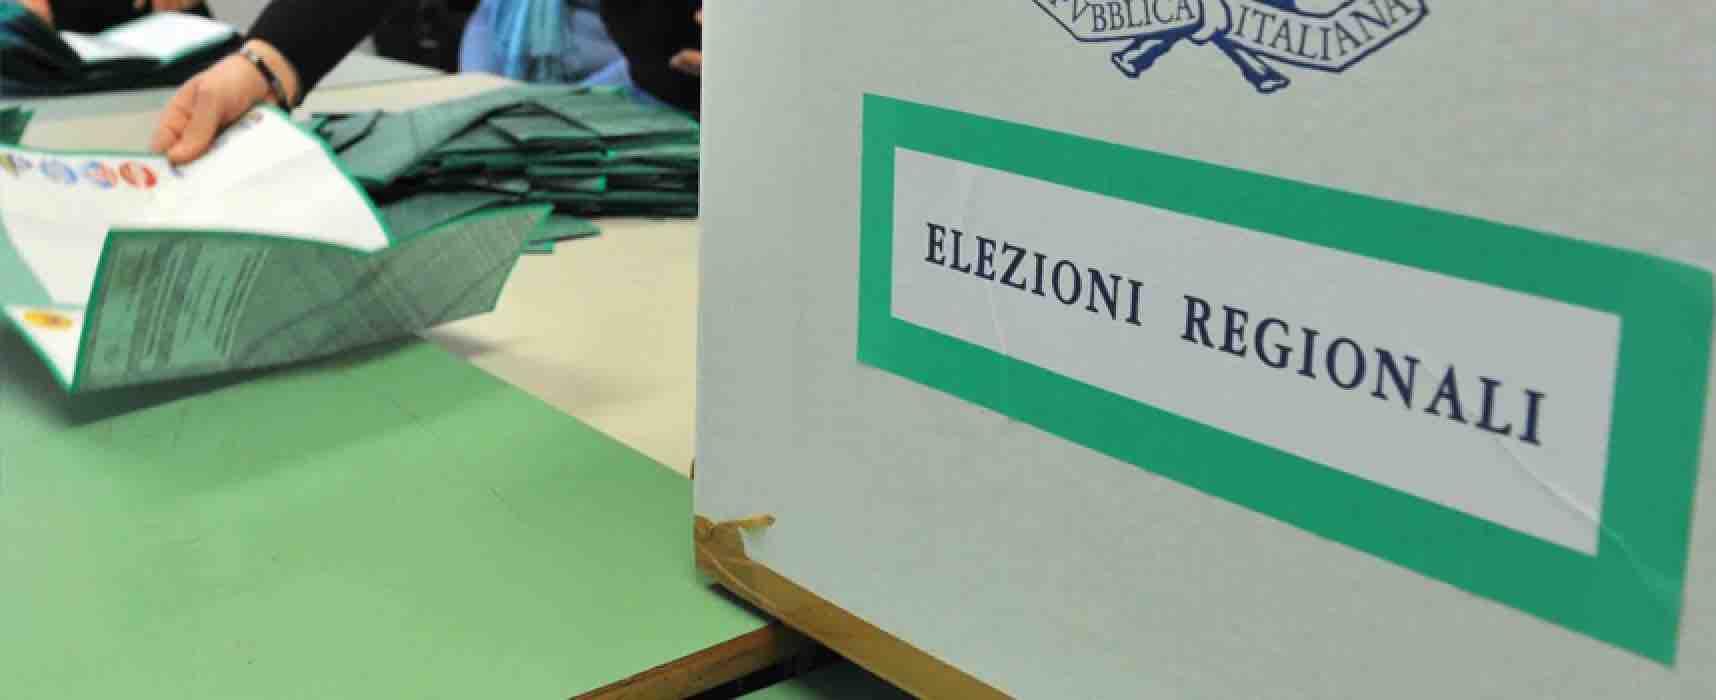 Elezioni Regionali 2019: A Colloquio Con Bertola, Boero